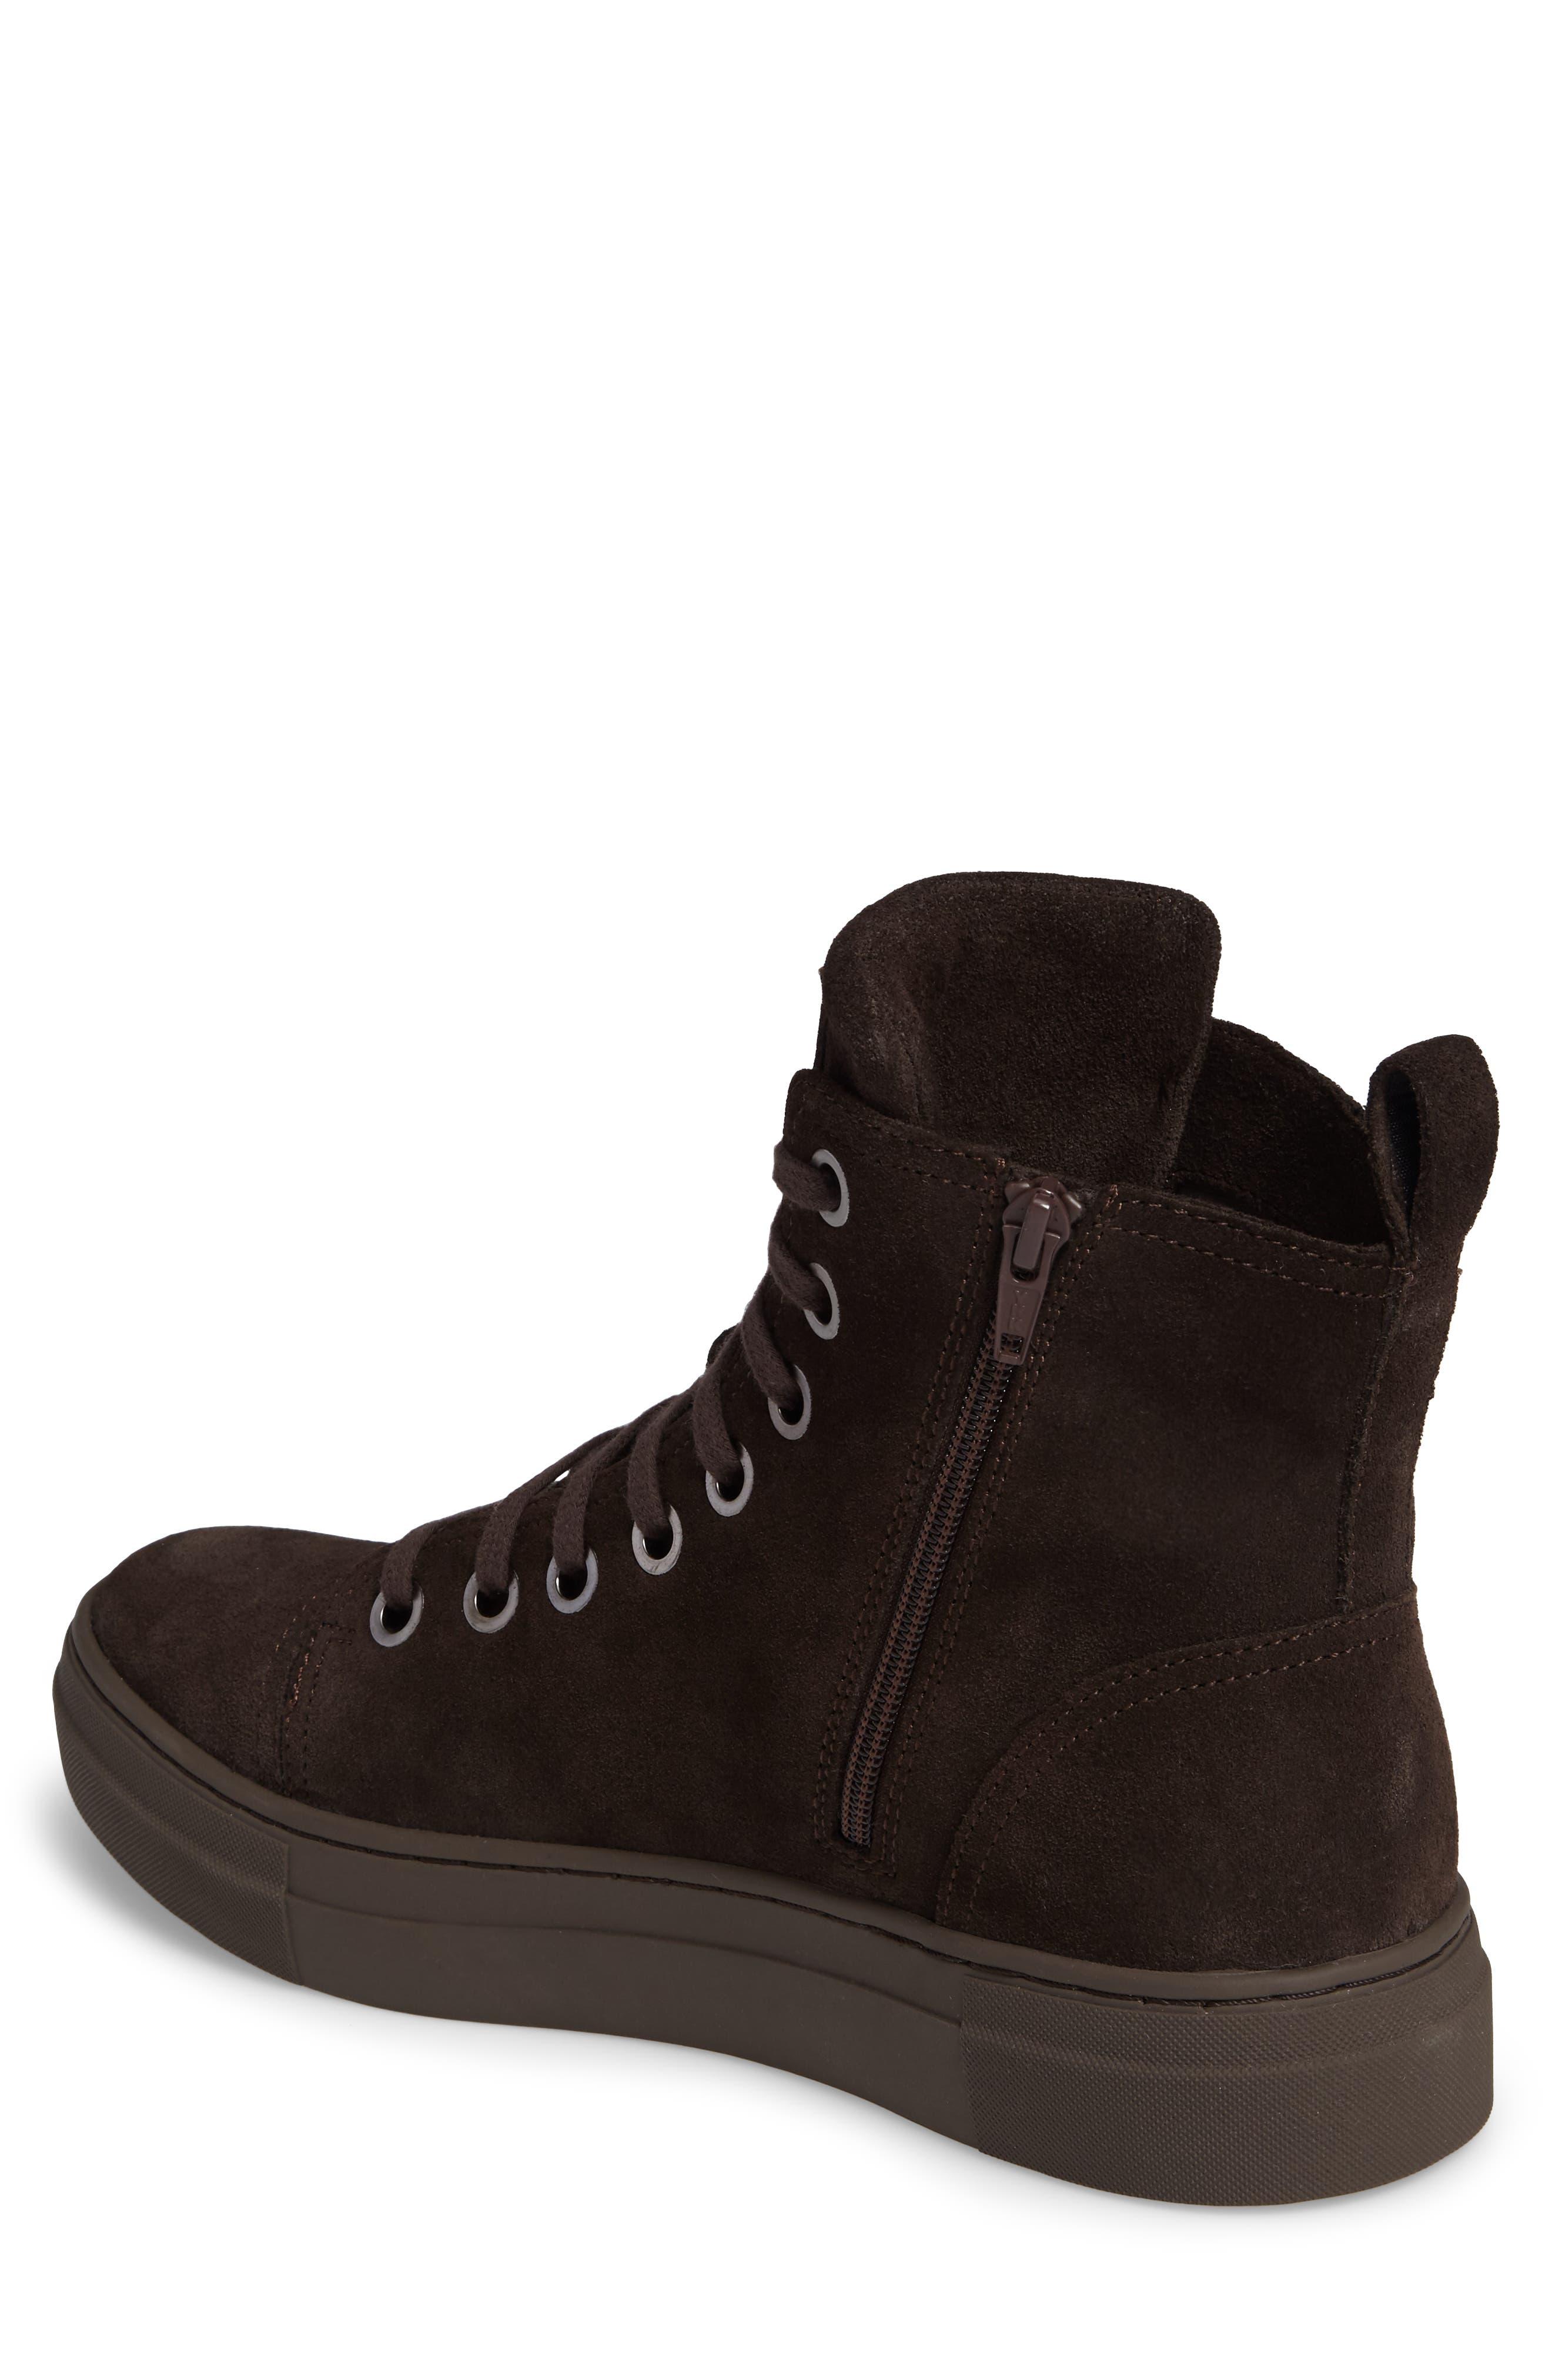 Ormisten Sneaker,                             Alternate thumbnail 6, color,